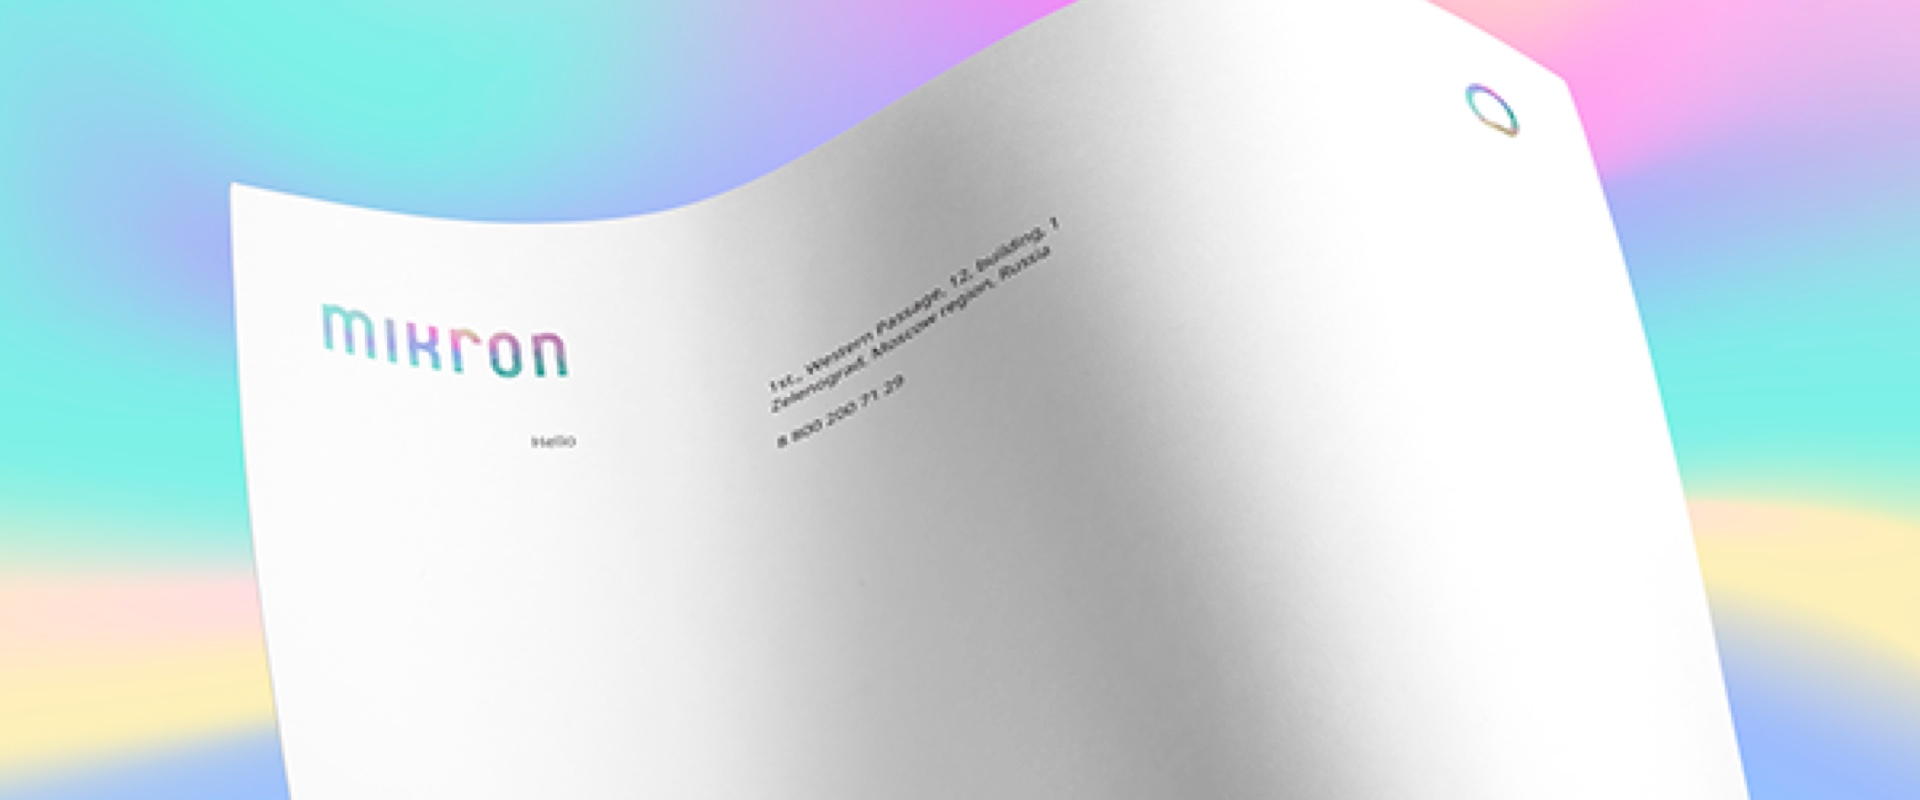 portfolio-custom-layout-04-image-01